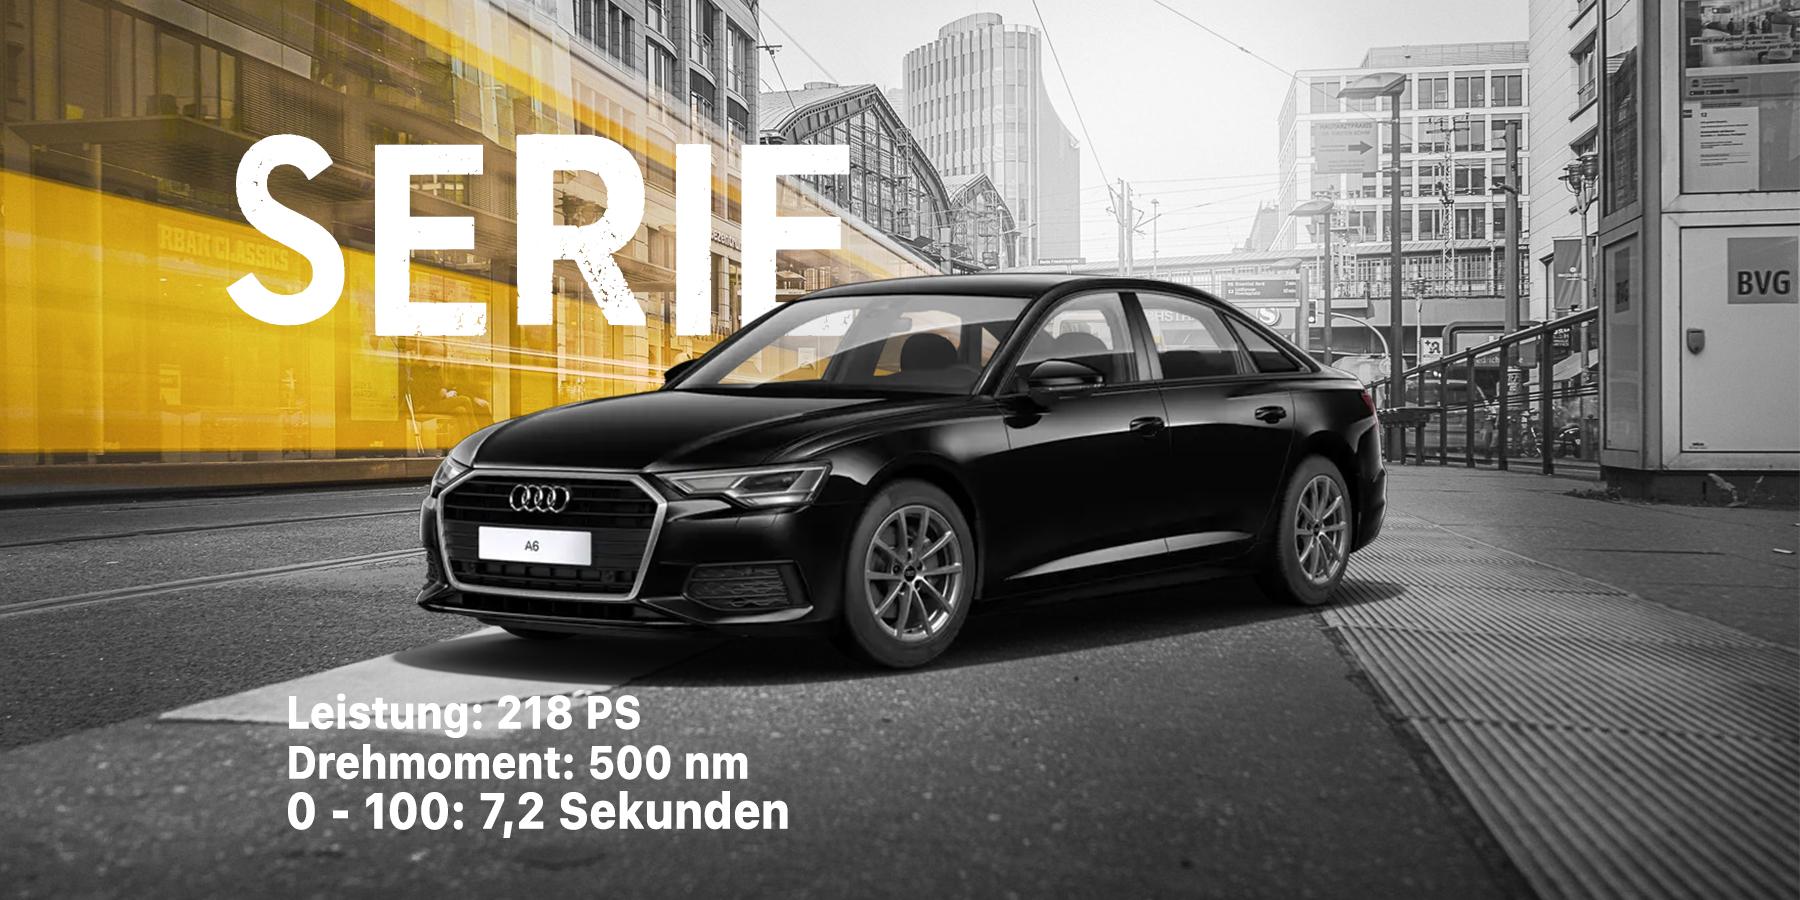 Audi A6 vor dem Tuning und der Softwareoptimierung bei Gorilcars